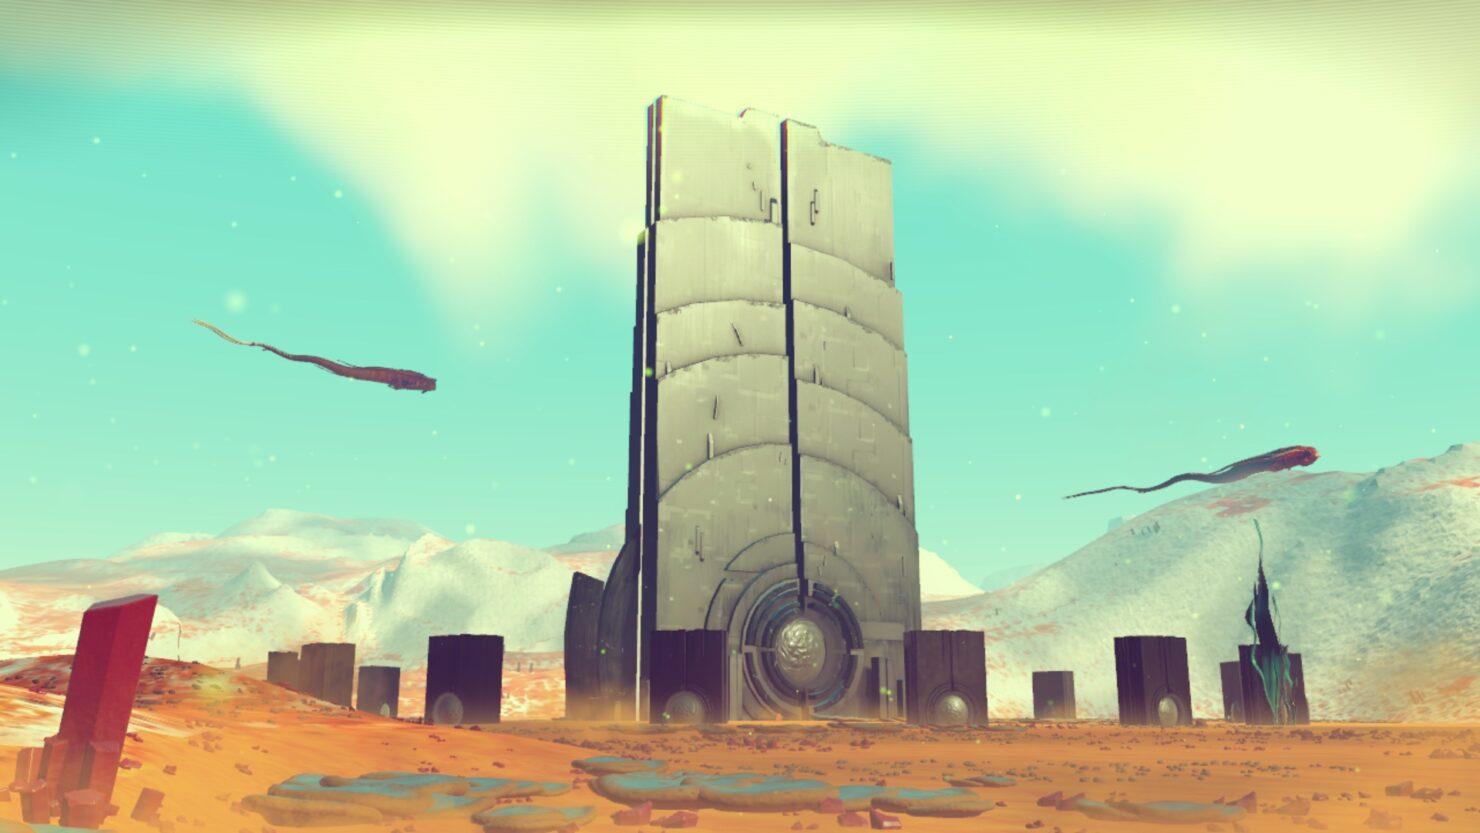 nomanssky_monolith